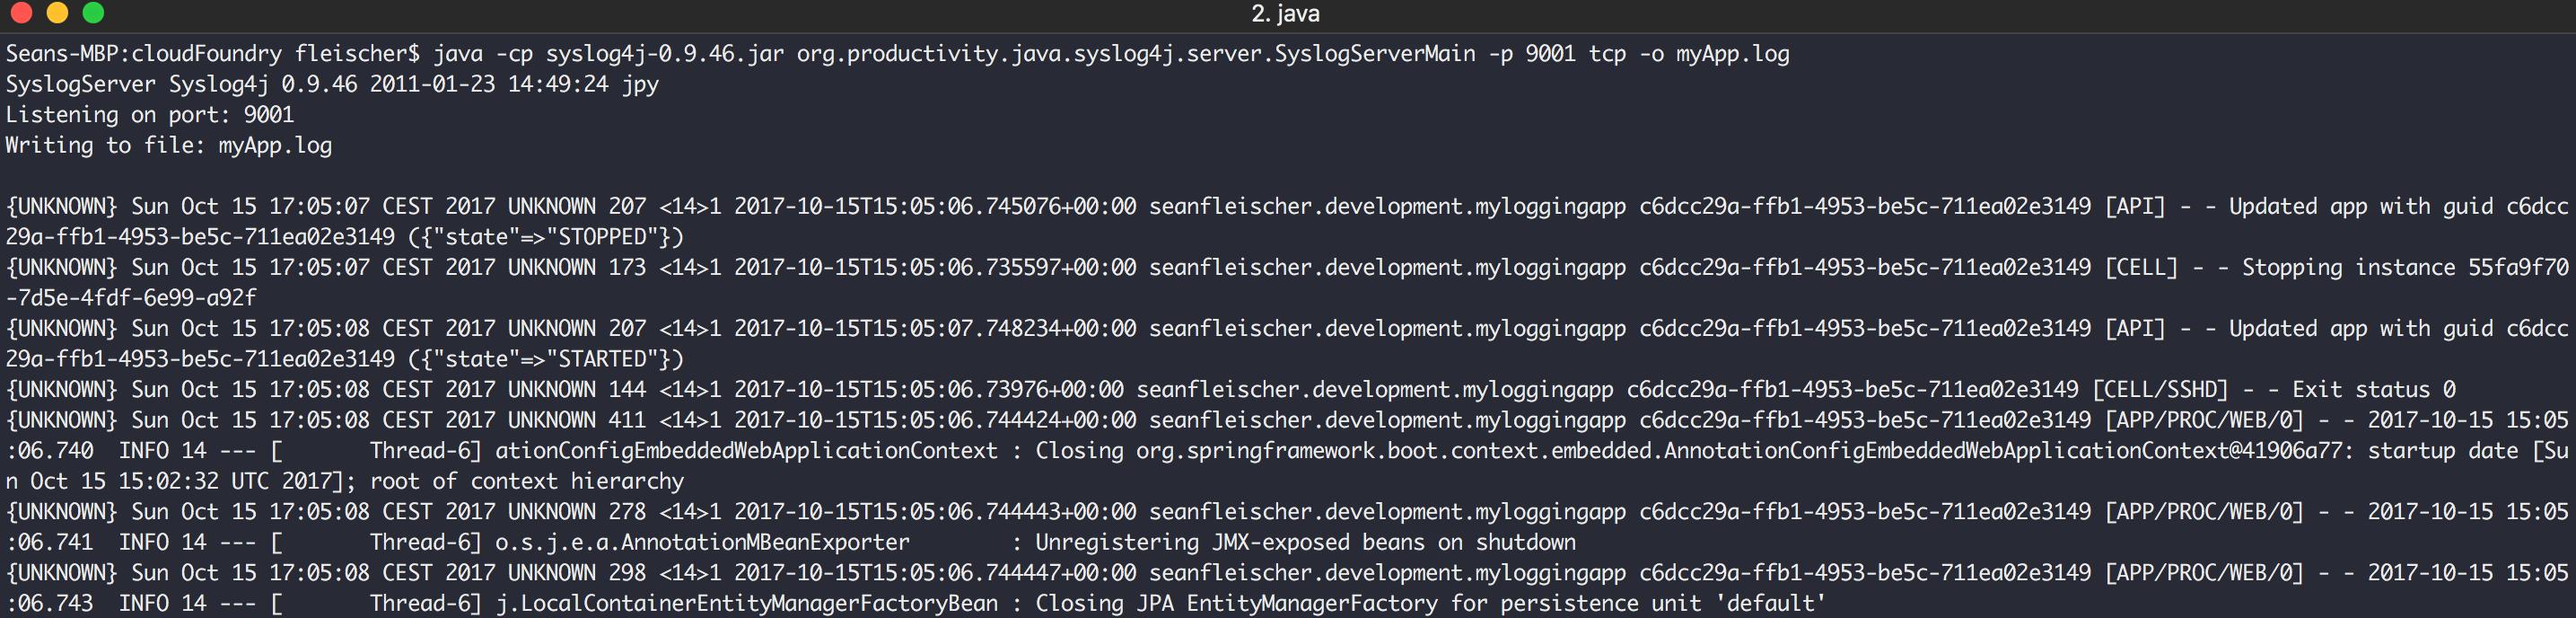 Auszug der empfangenen Logausgaben aus der Syslog-Serverkonsole